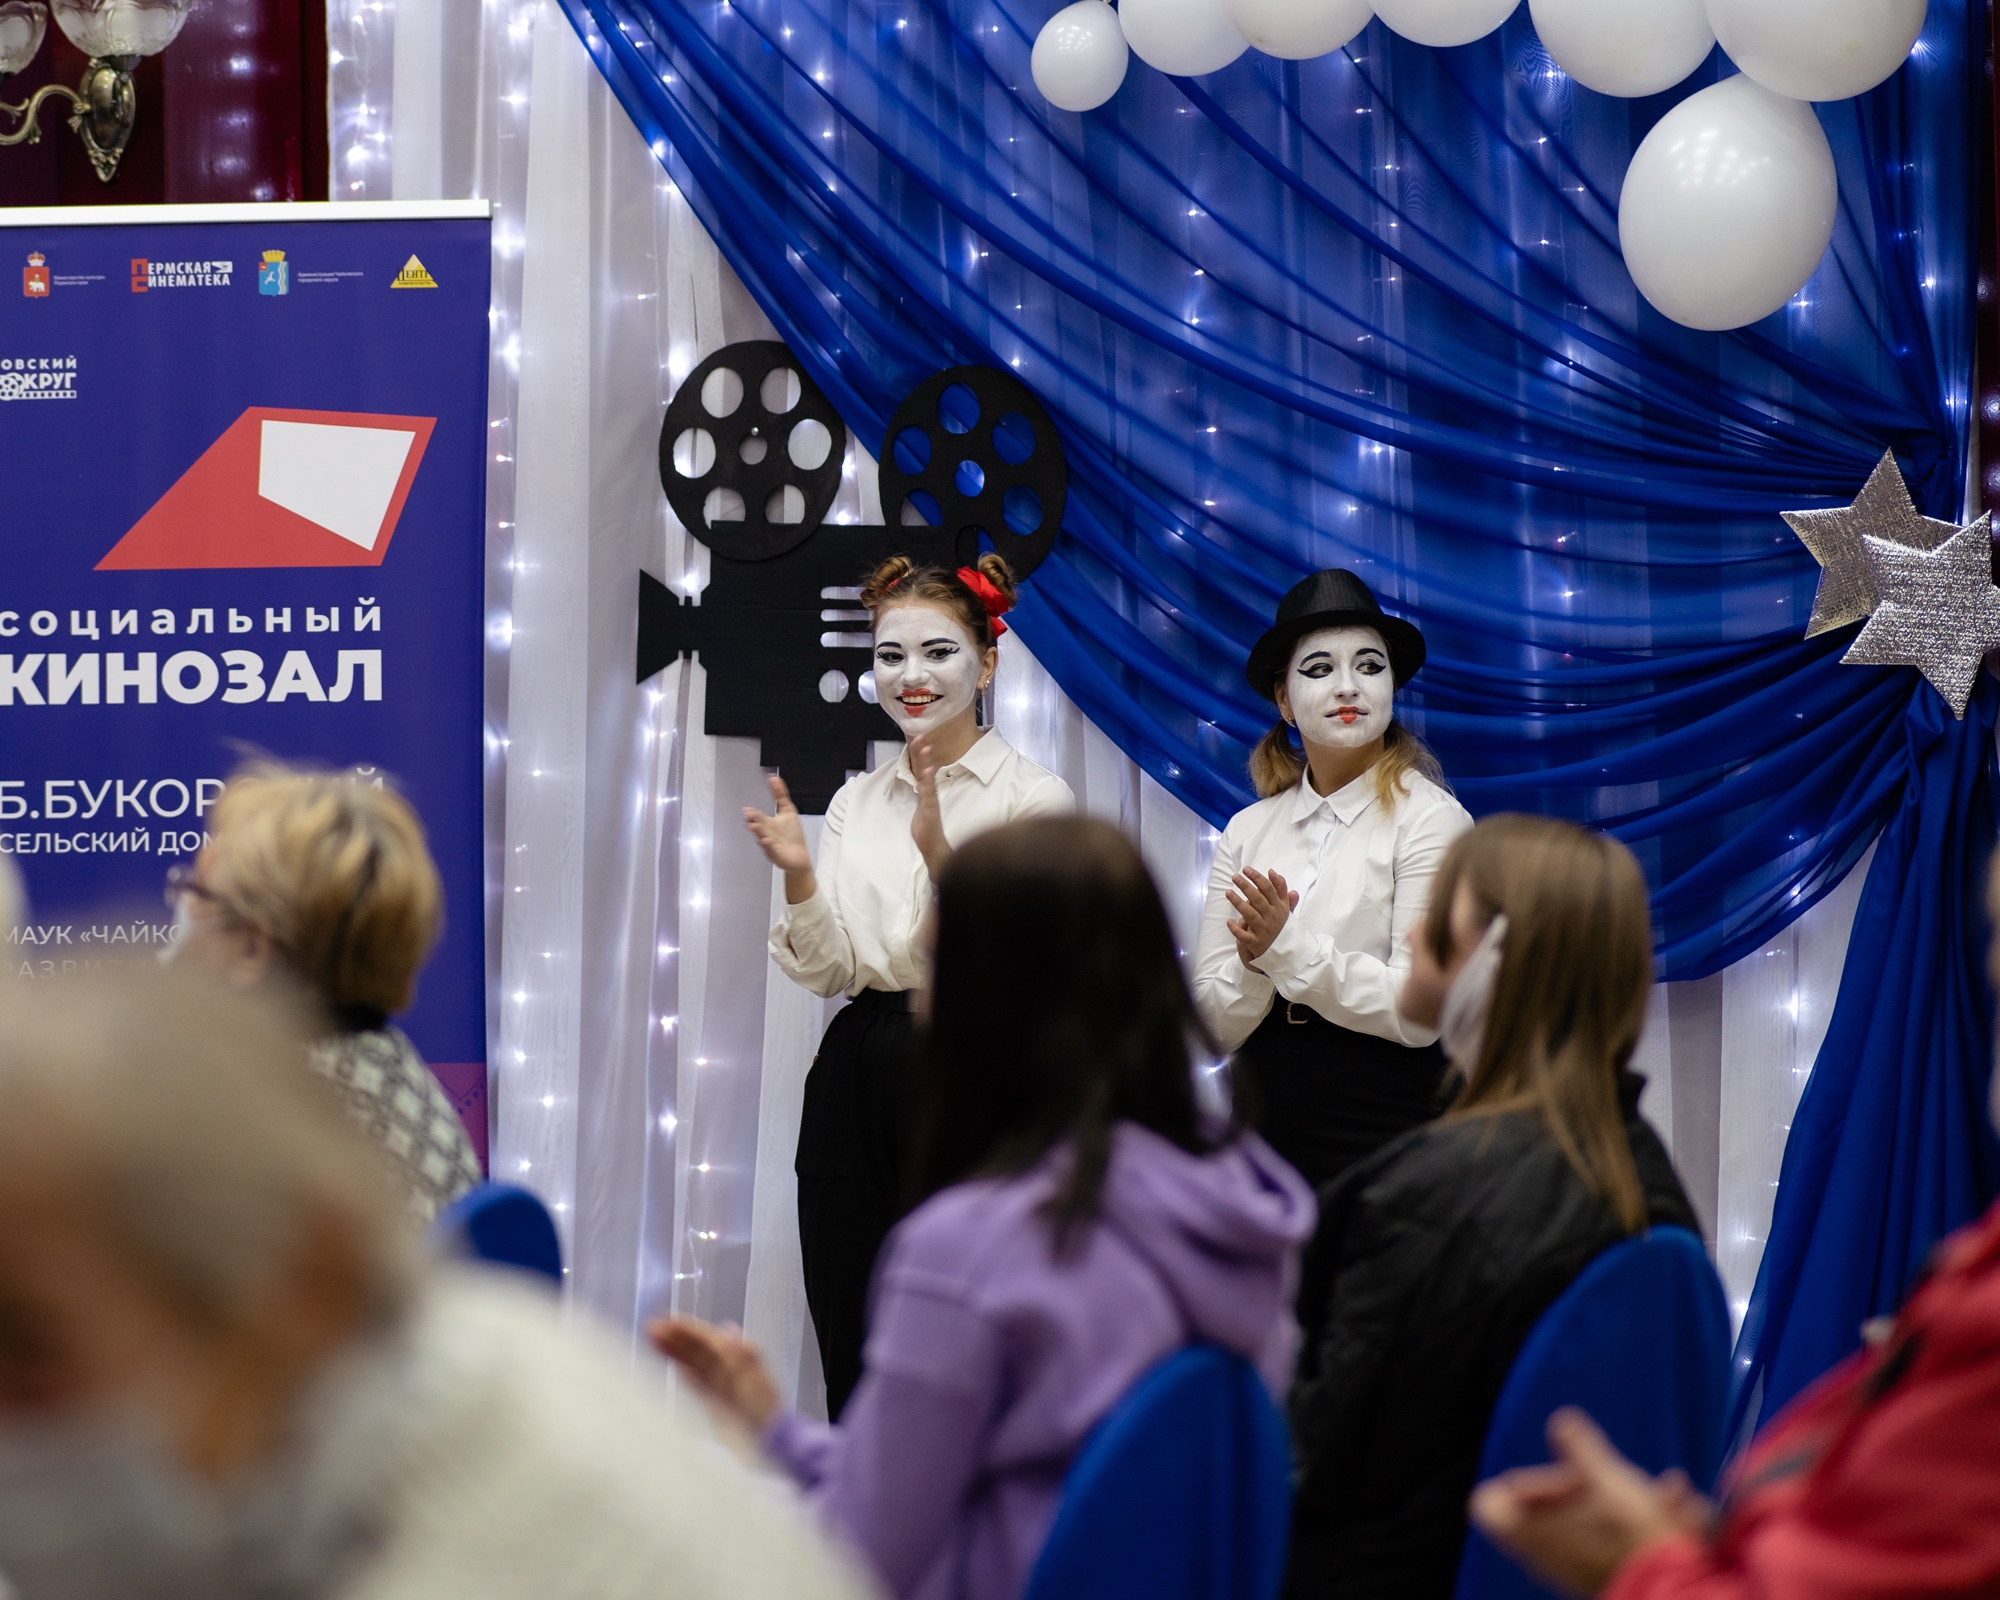 открытие социального кинозала, чайковский район, 2020 год